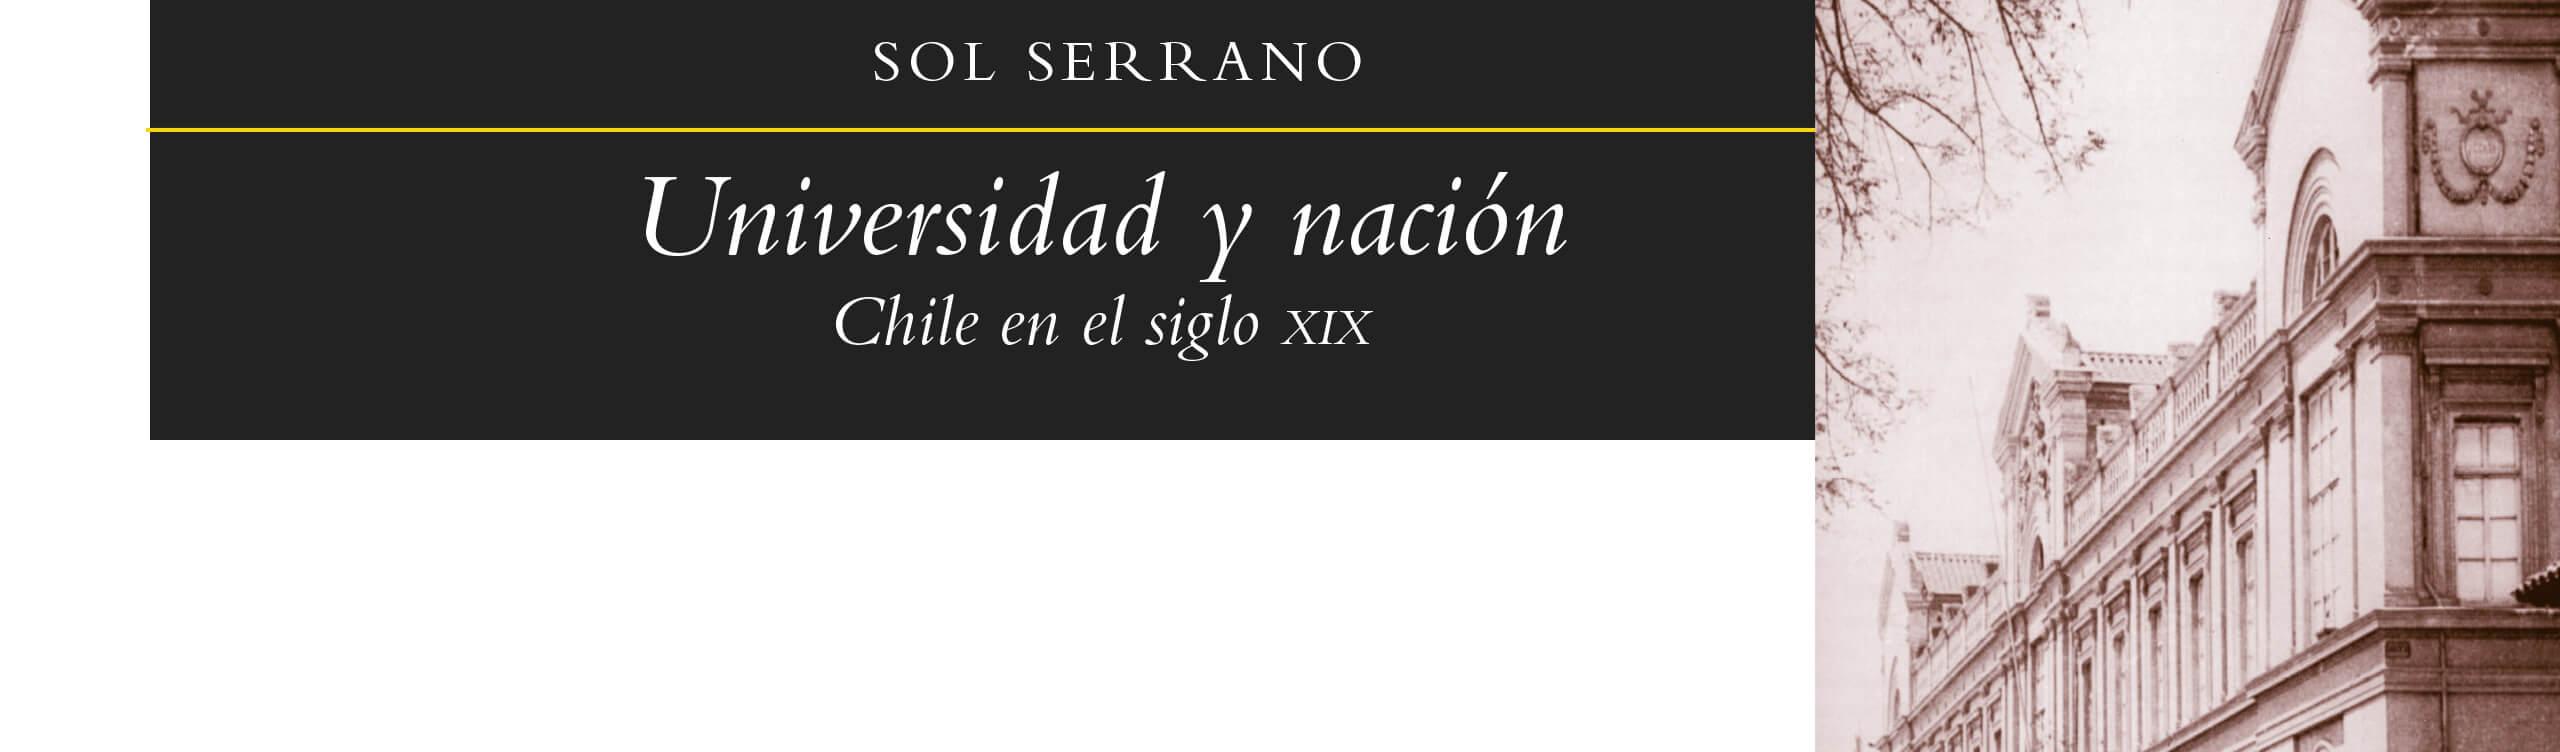 Sol Serrano Universidad y estado Editorial universitaria